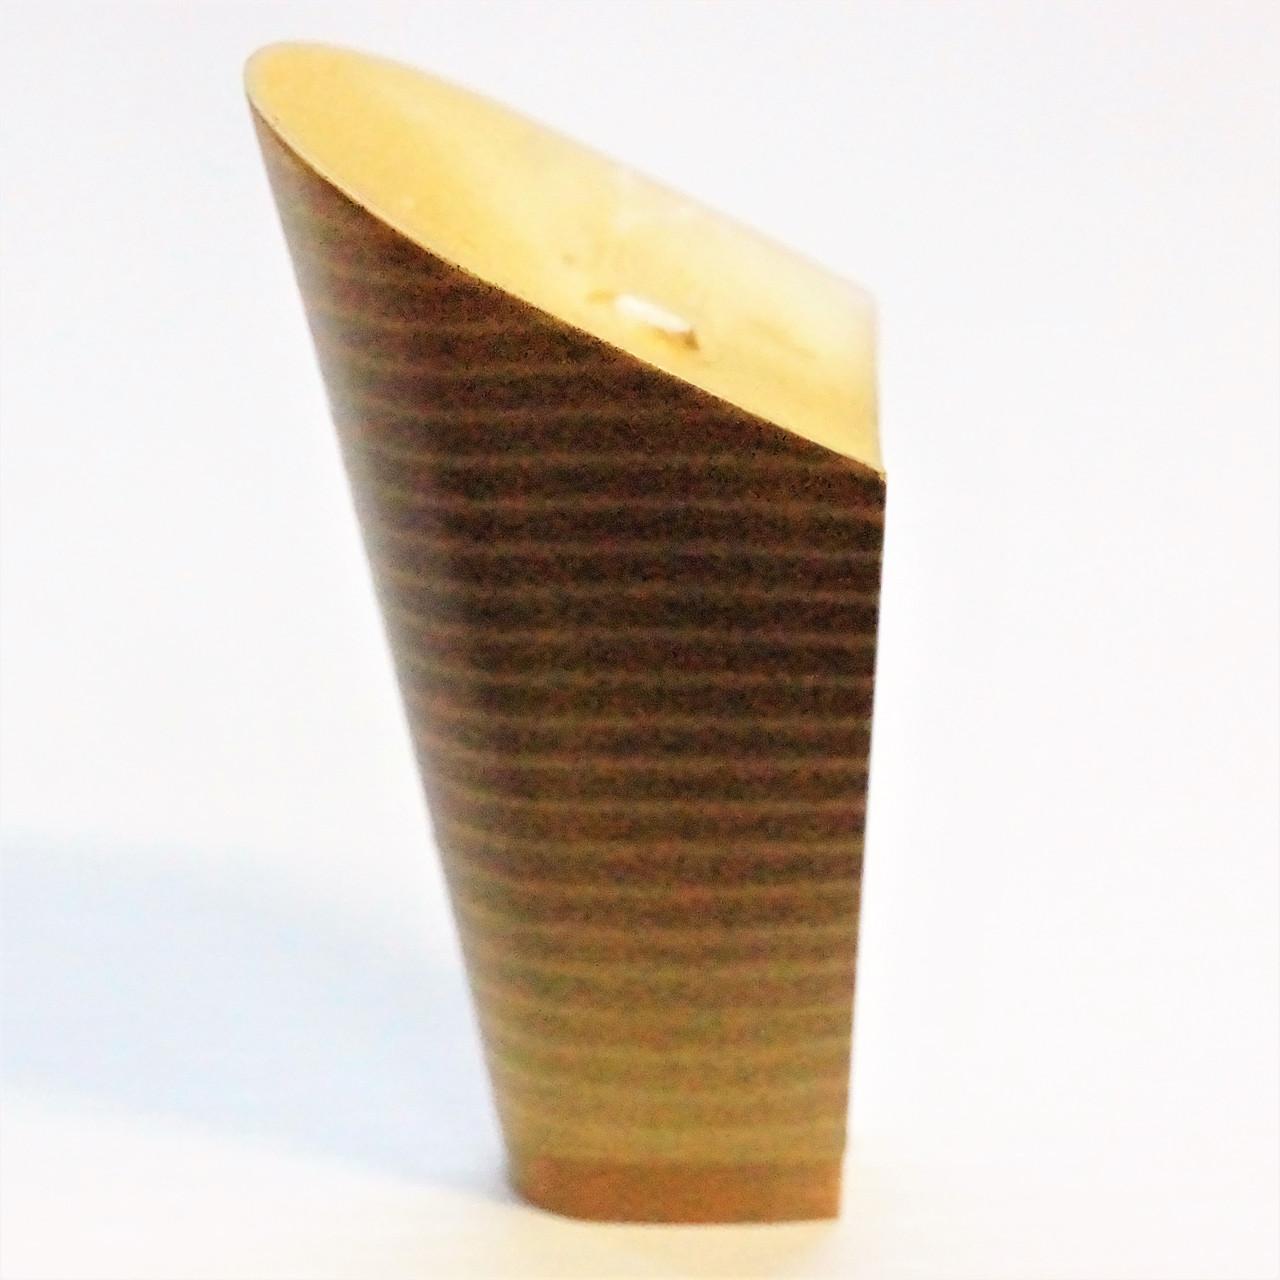 Каблук женский пластиковый 9517 беж р.1-4  h-8,6-9,7 см.